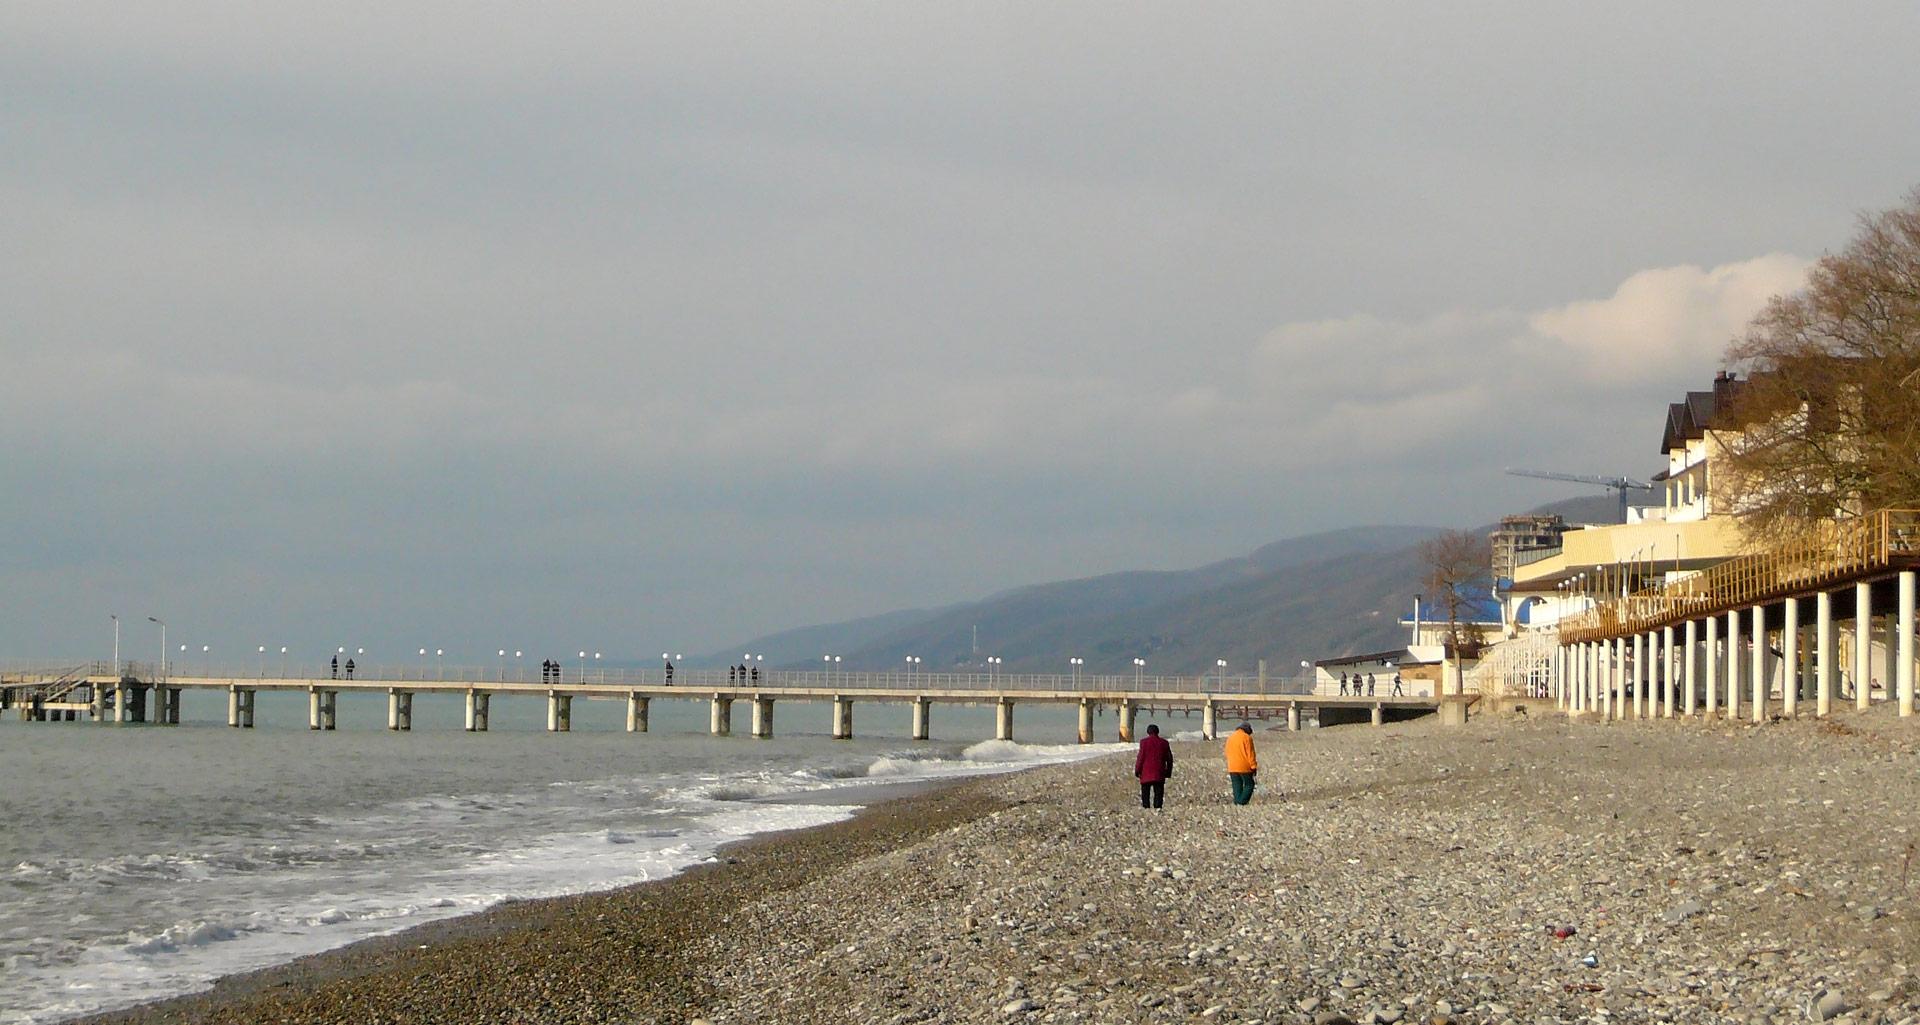 Пляж пансионата гренада в лазаревском фото